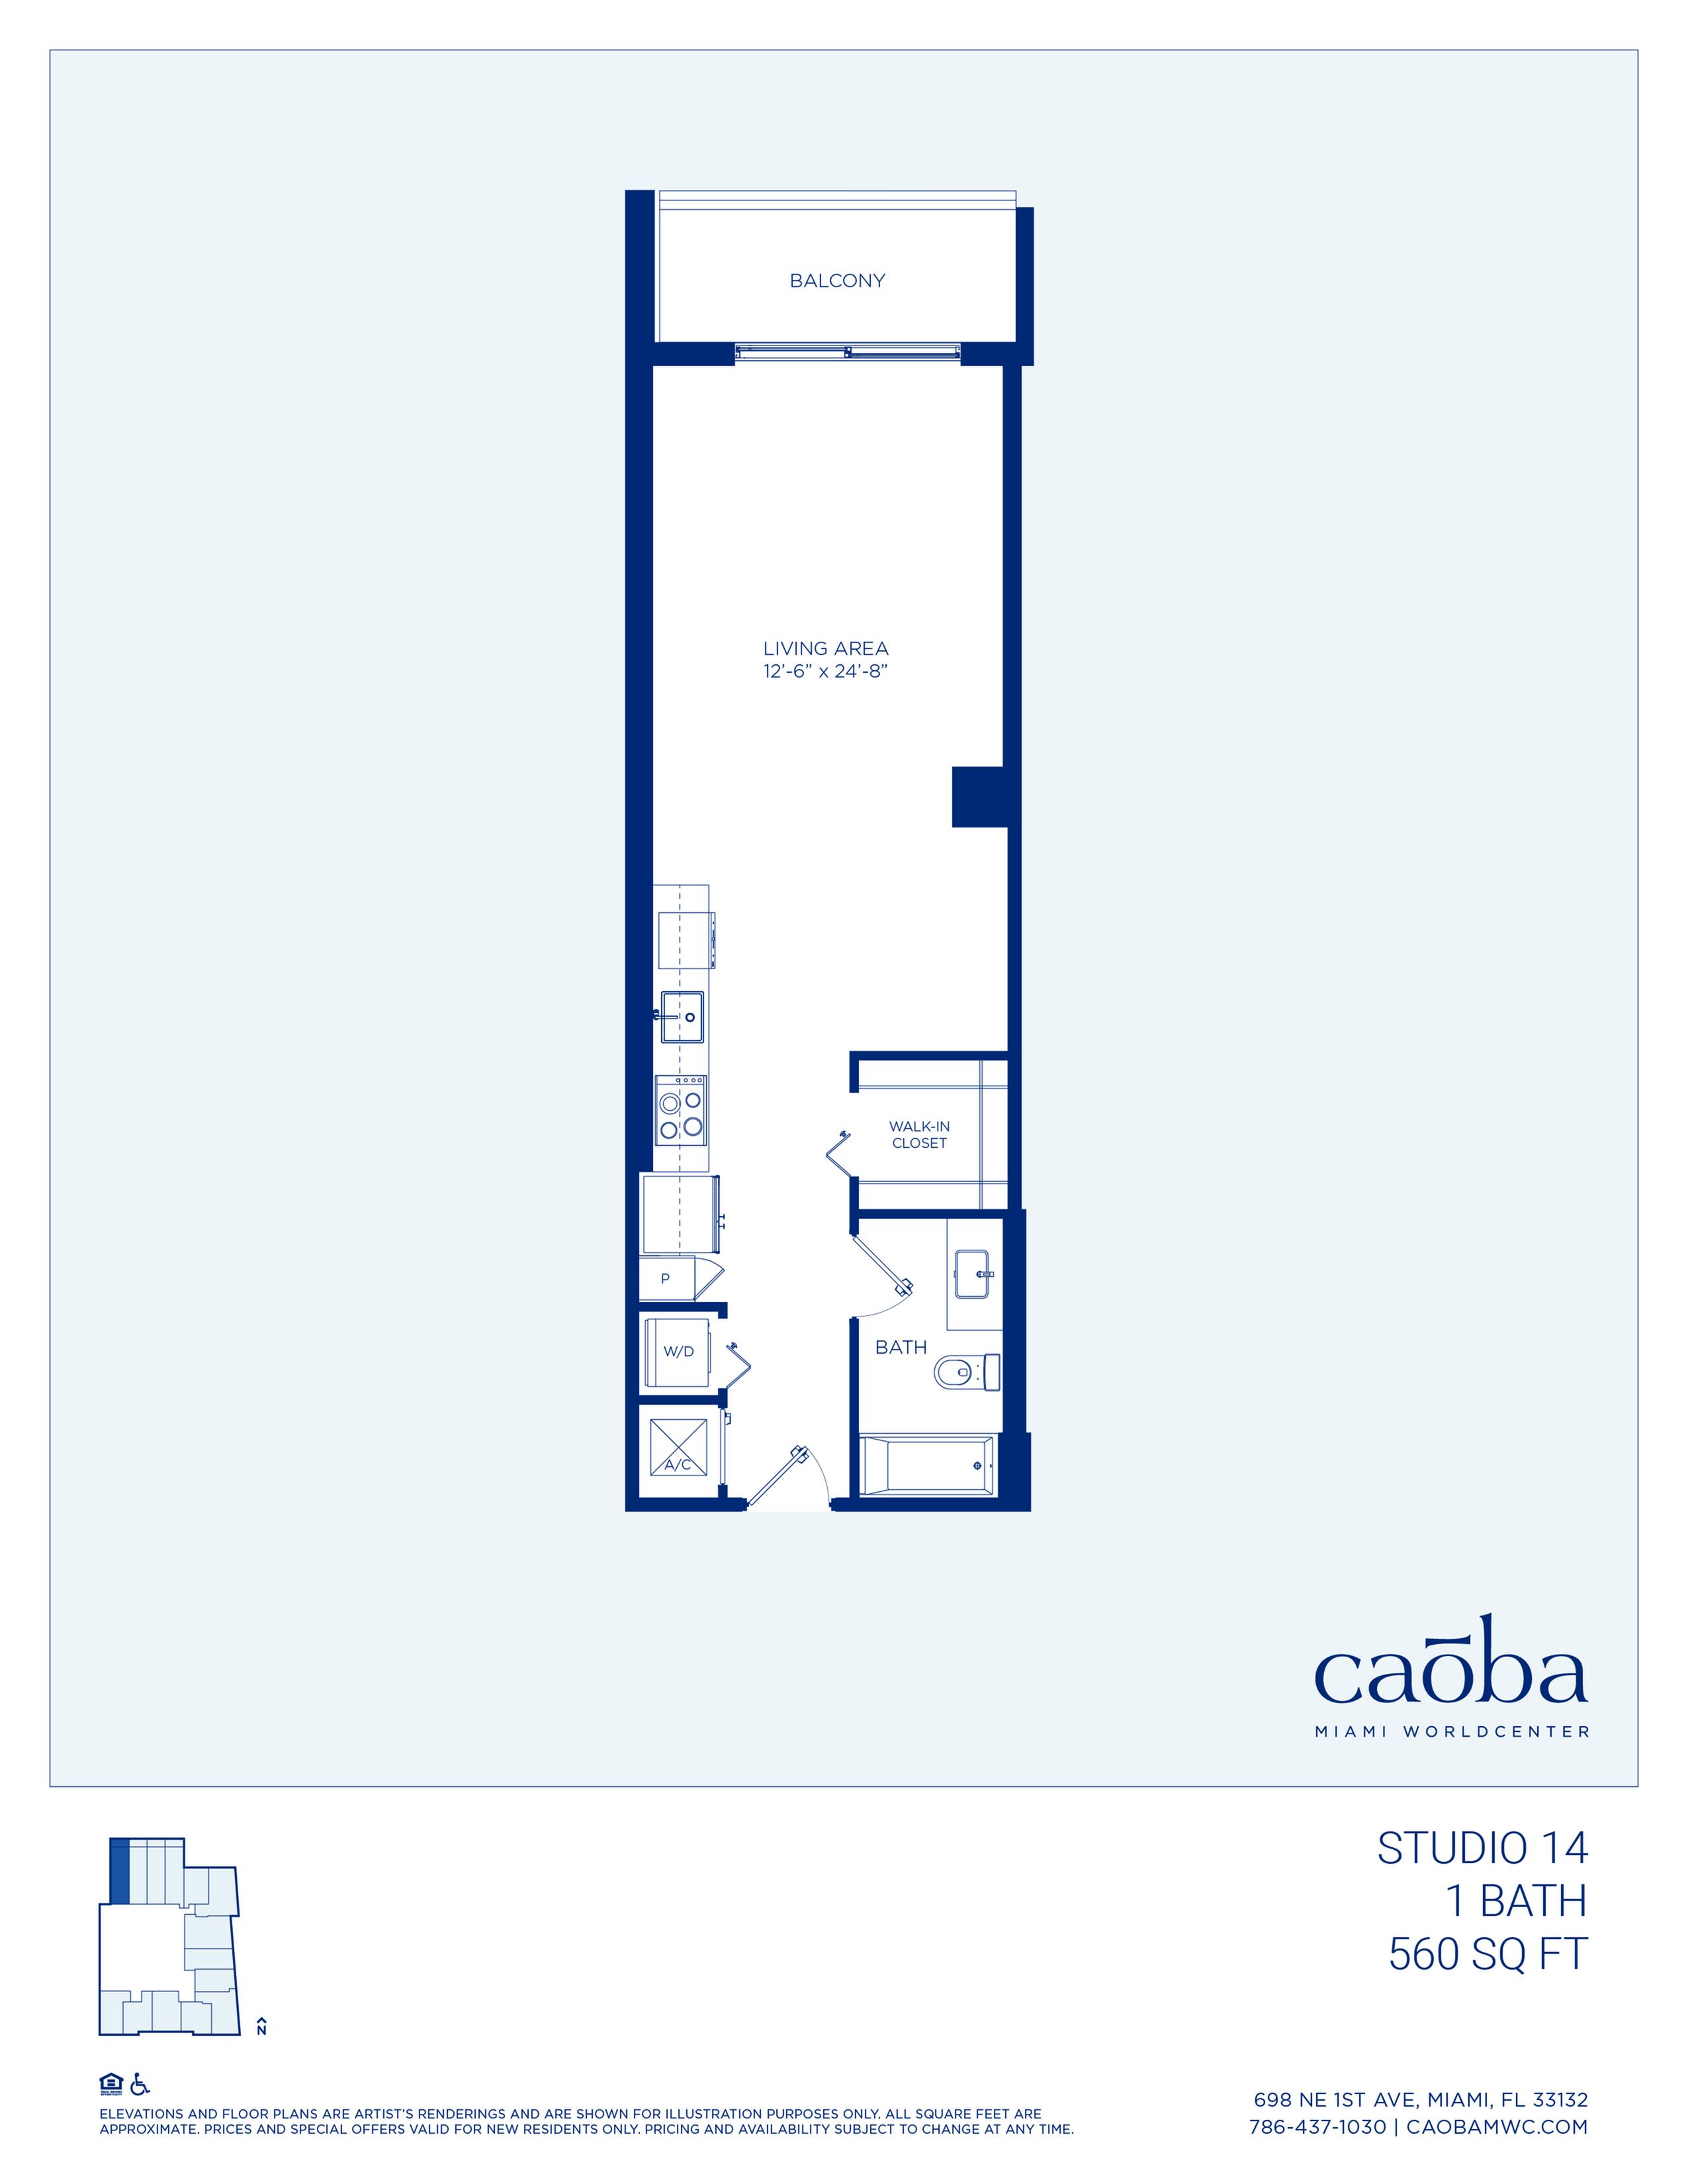 Miami Caoba Floorplan - S-14